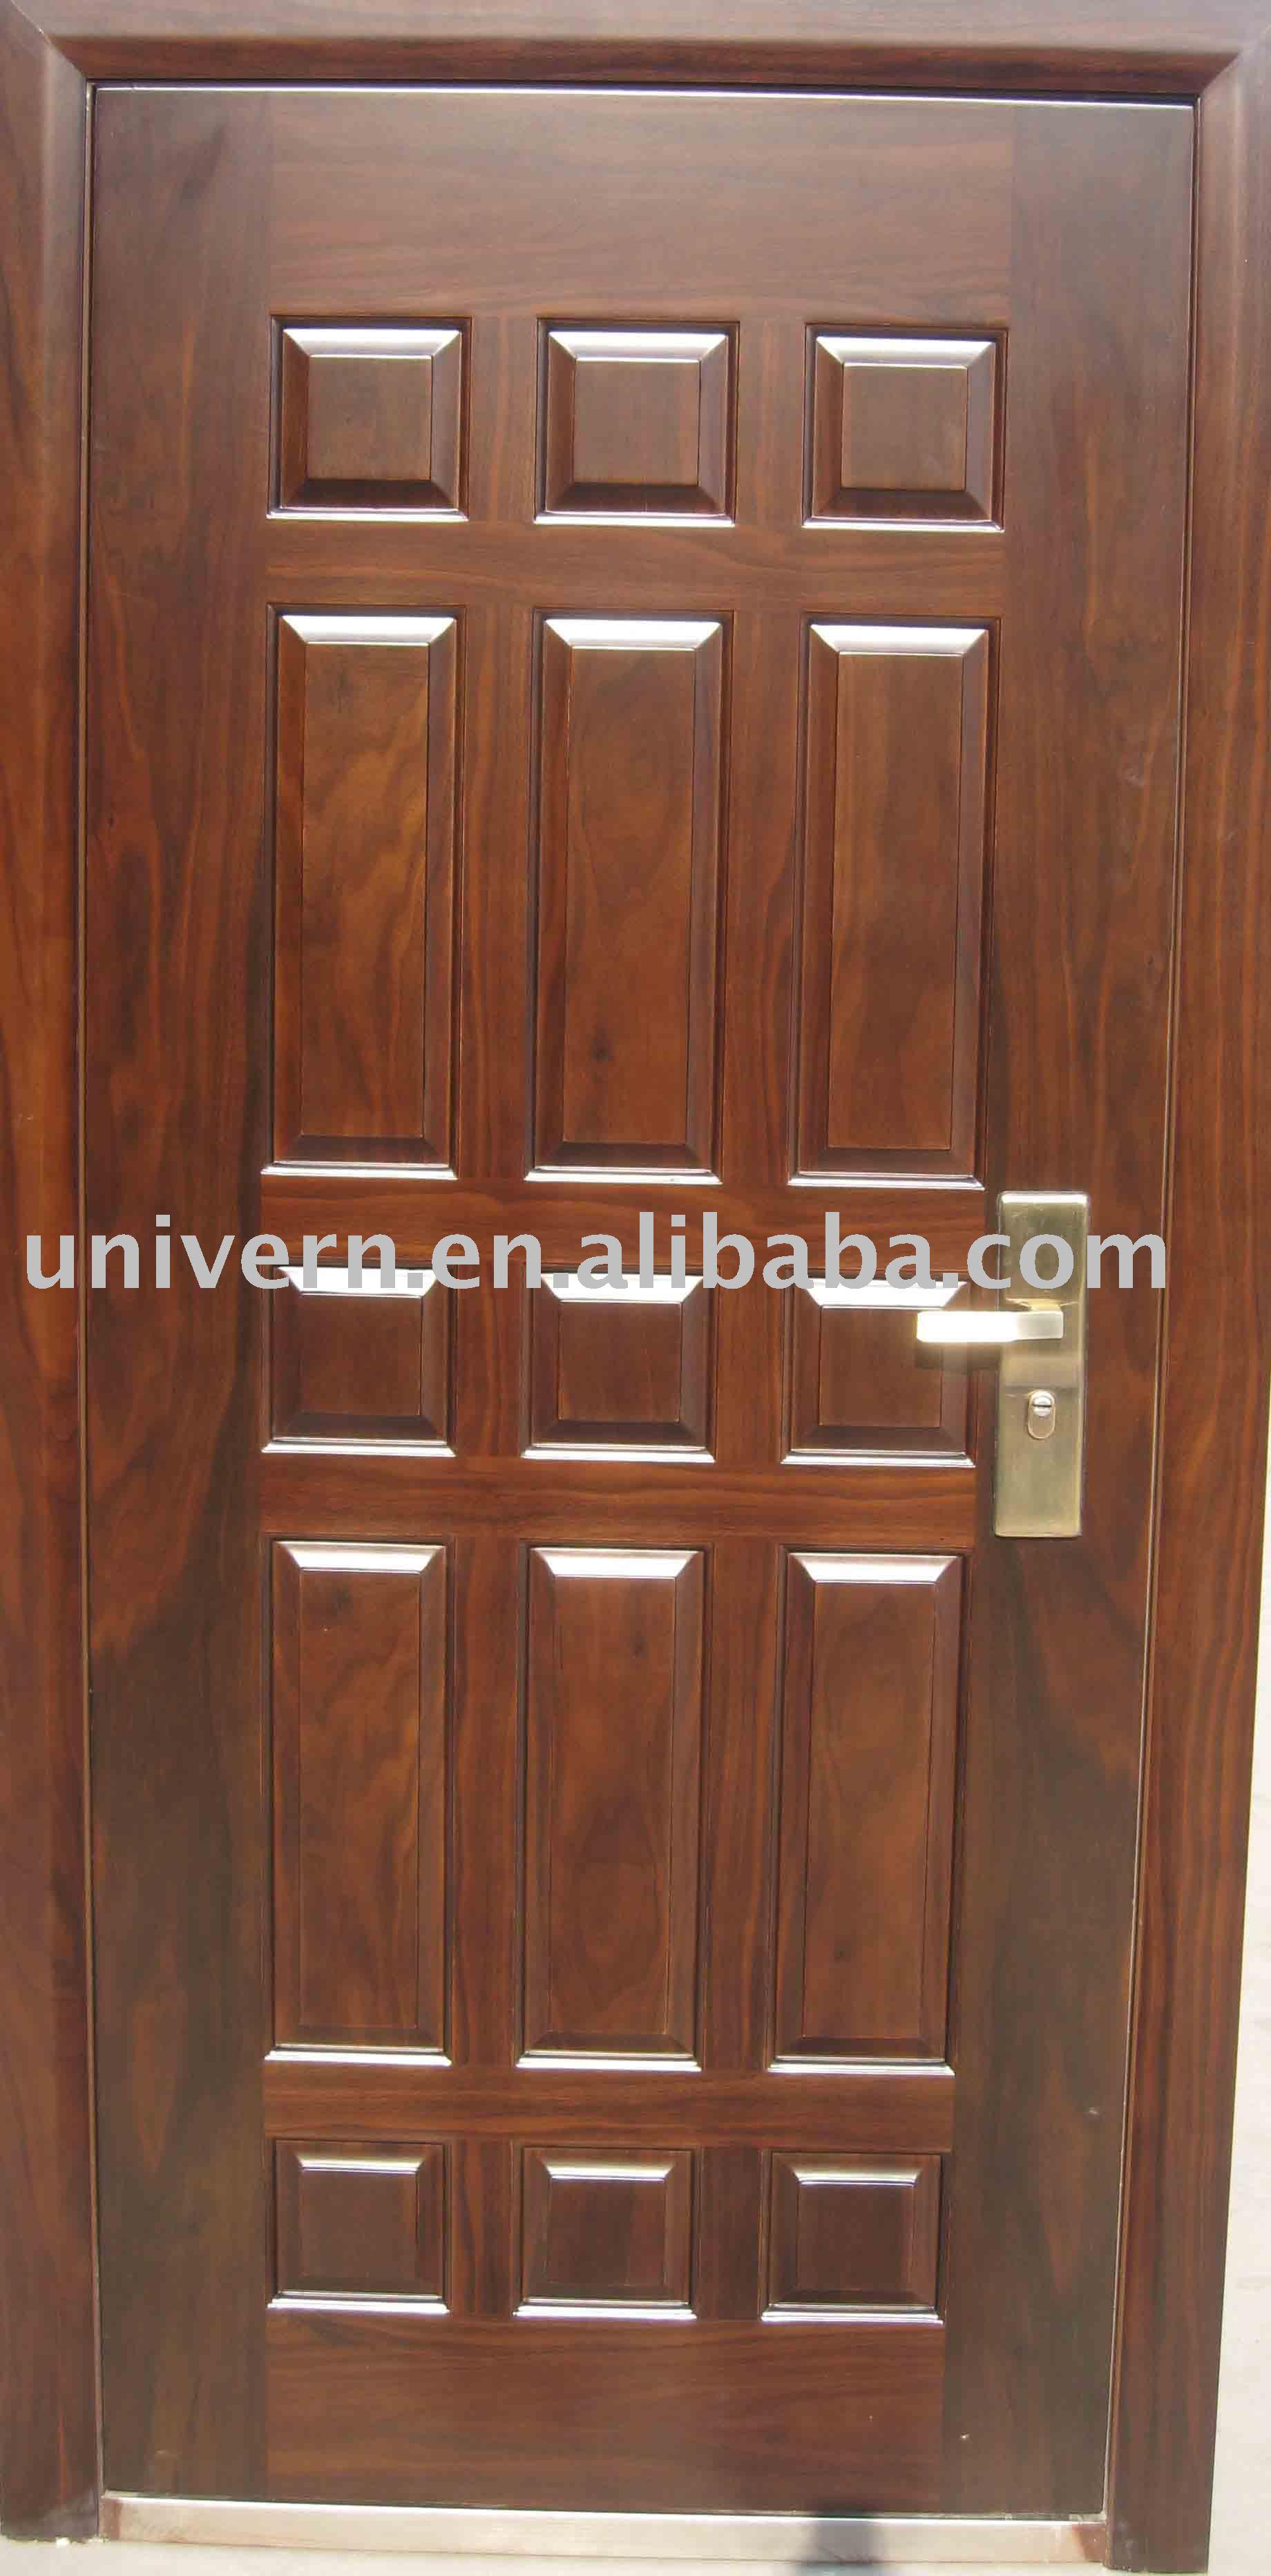 37284351194898881840 Armored Door #714430 Arcadia Security Door 18403728  Pic With 1840x3728 Px U0026 Arcadia Security